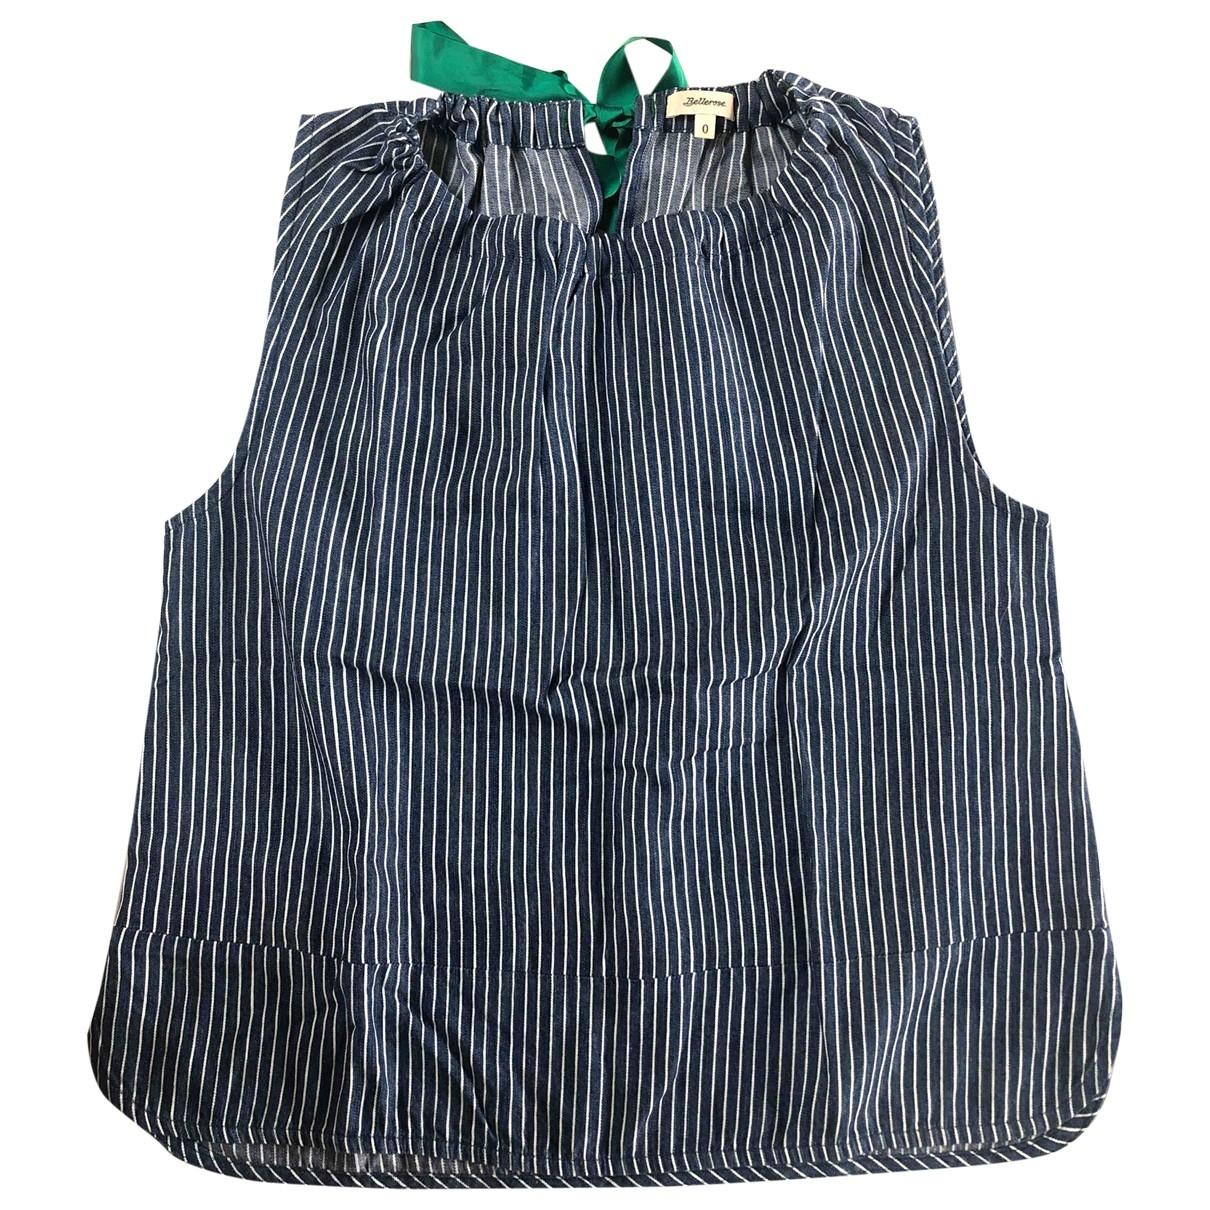 Bellerose - Top   pour femme en coton - bleu